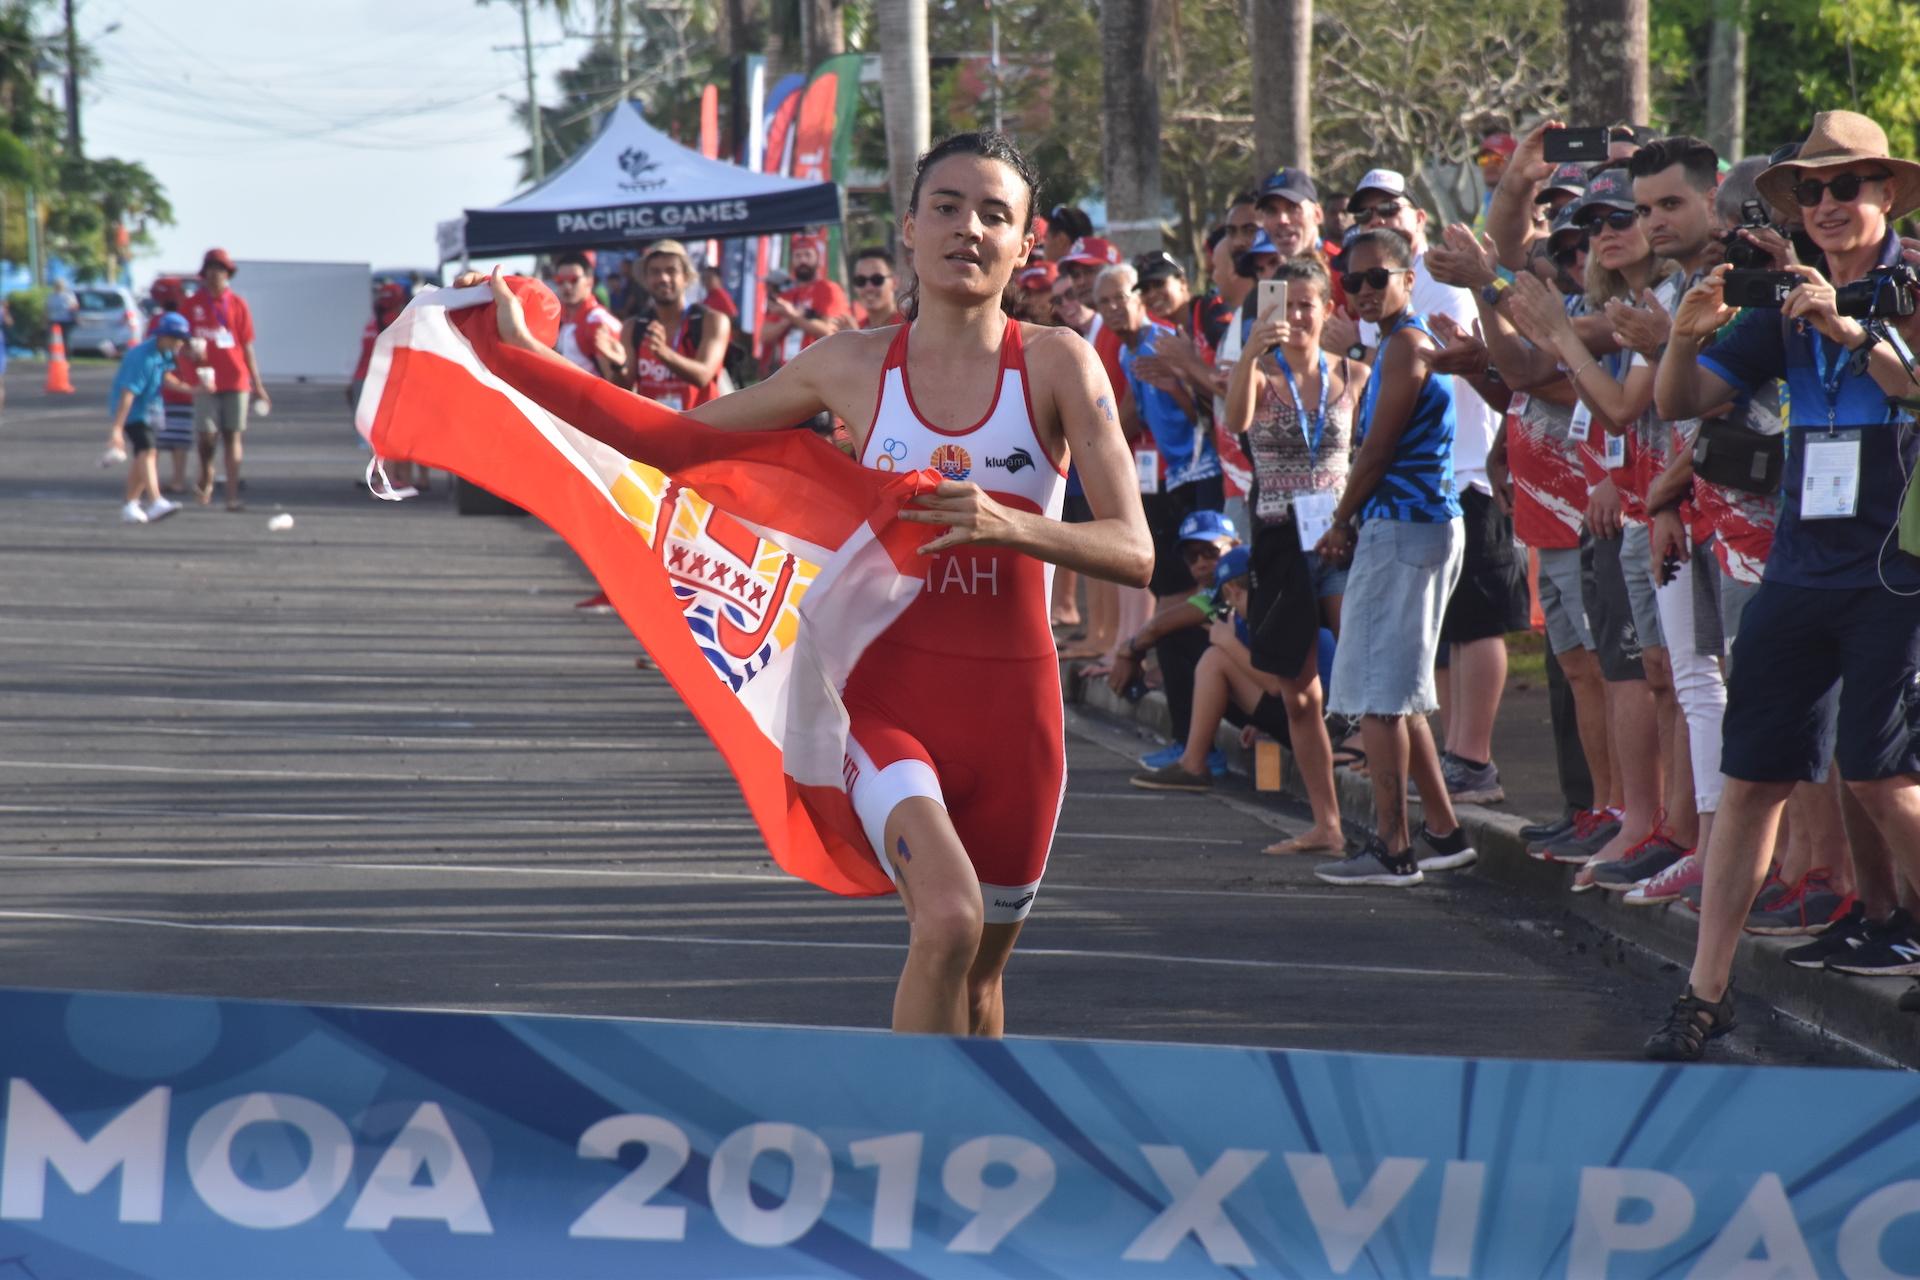 Salomé De Barthez quatrième à l'issue de la natation a refait son retard sur le parcours de course à pied où elle a déposé toutes ses concurrentes.